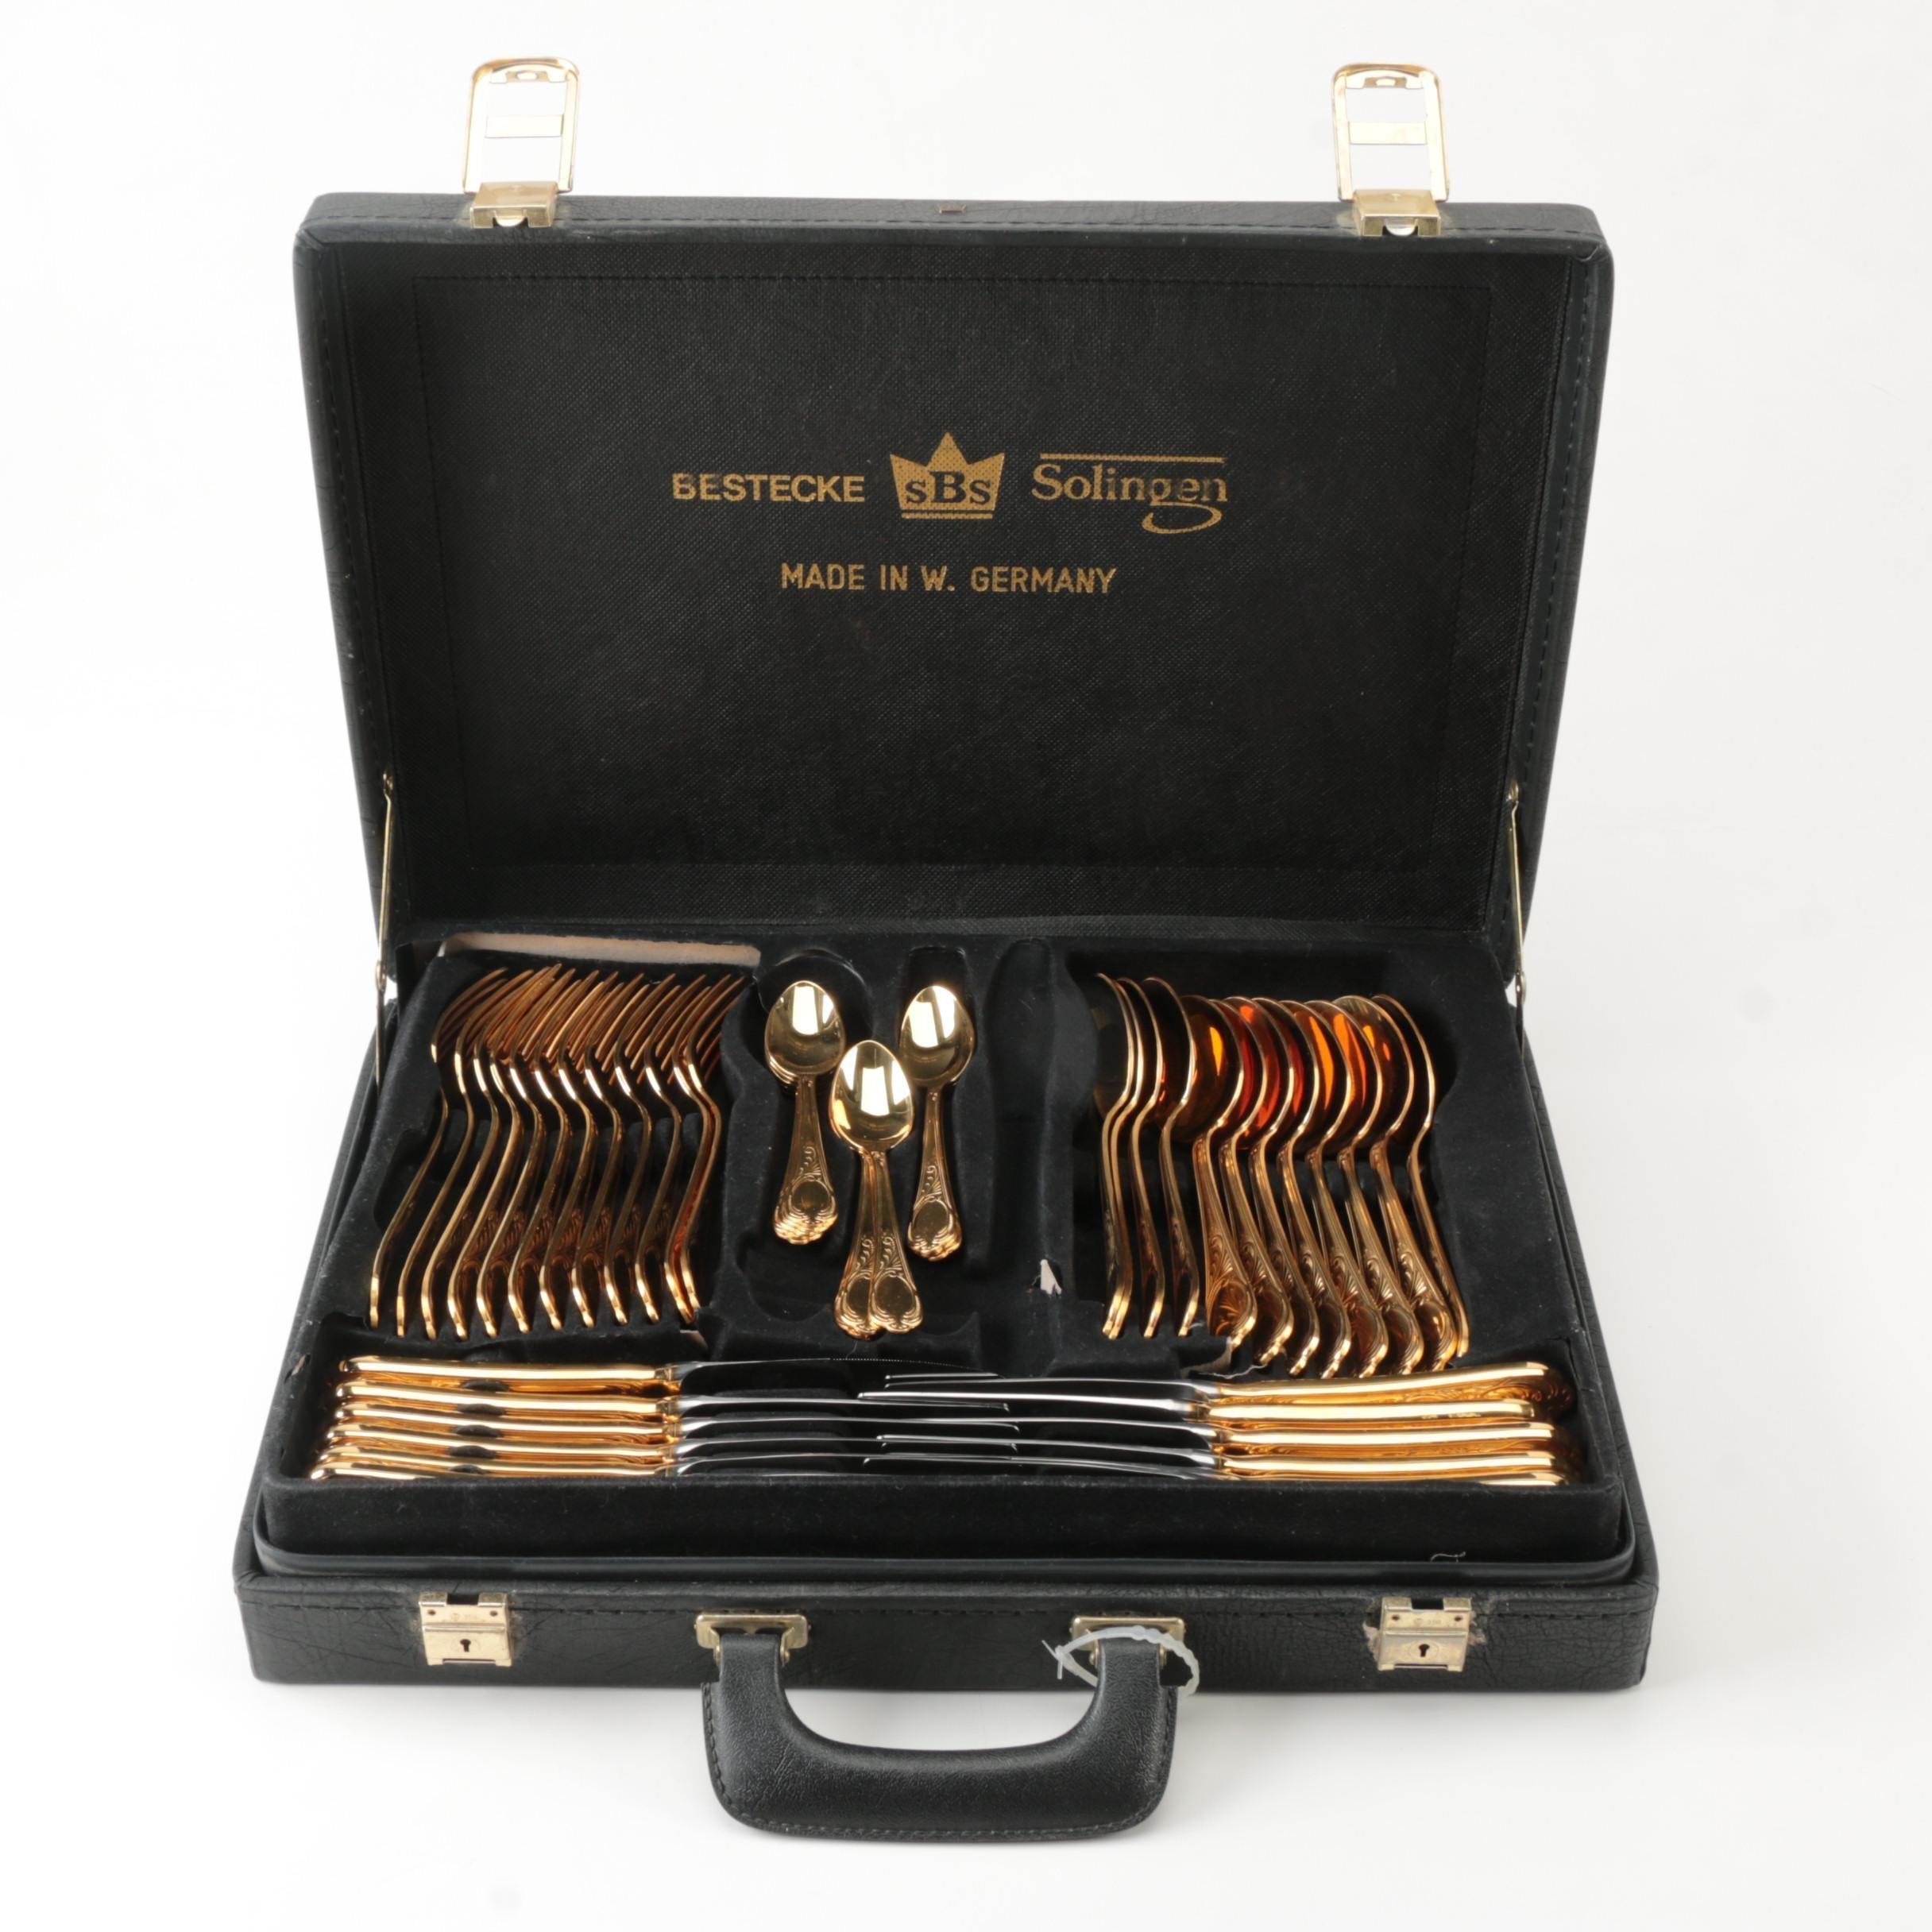 SBS Bestecke Solingen  Wein  Gold-Plated Stainless Flatware Set ...  sc 1 st  EBTH.com & SBS Bestecke Solingen